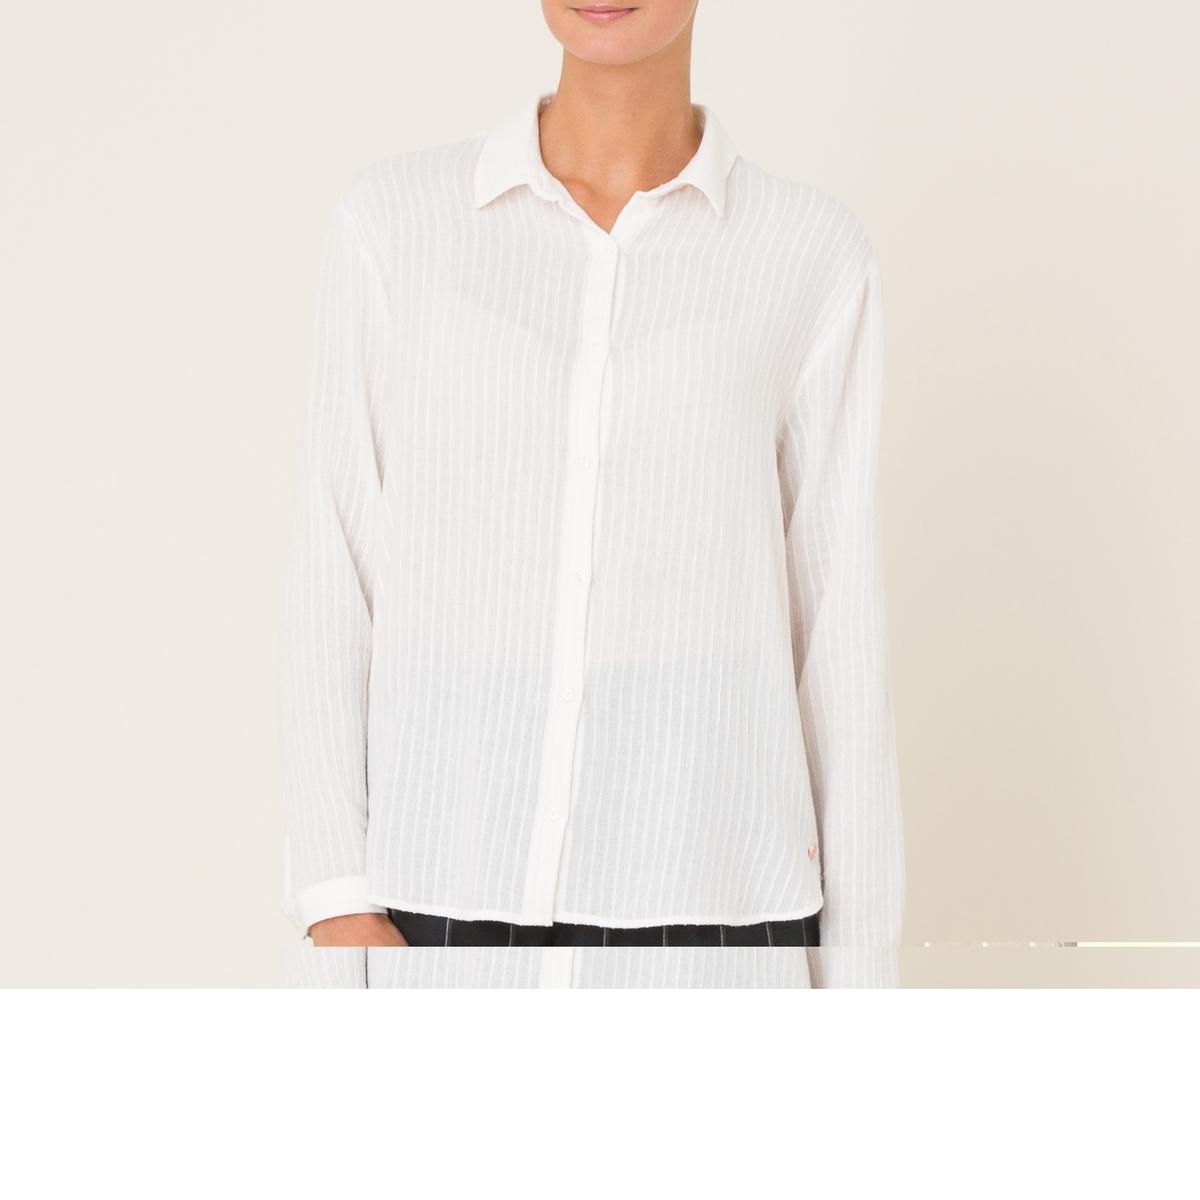 Рубашка VERAРубашка HARRIS WILSON - модель VERA. Рубашка из рельефной линованной ткани. Заостренные края воротника. Застежка на пуговицы спереди. Длинные рукава. Низ прямой спереди, закругленный сзади. Состав и описание Материал : 81% хлопка, 19% вискозыМарка : HARRIS WILSON<br><br>Цвет: экрю<br>Размер: M